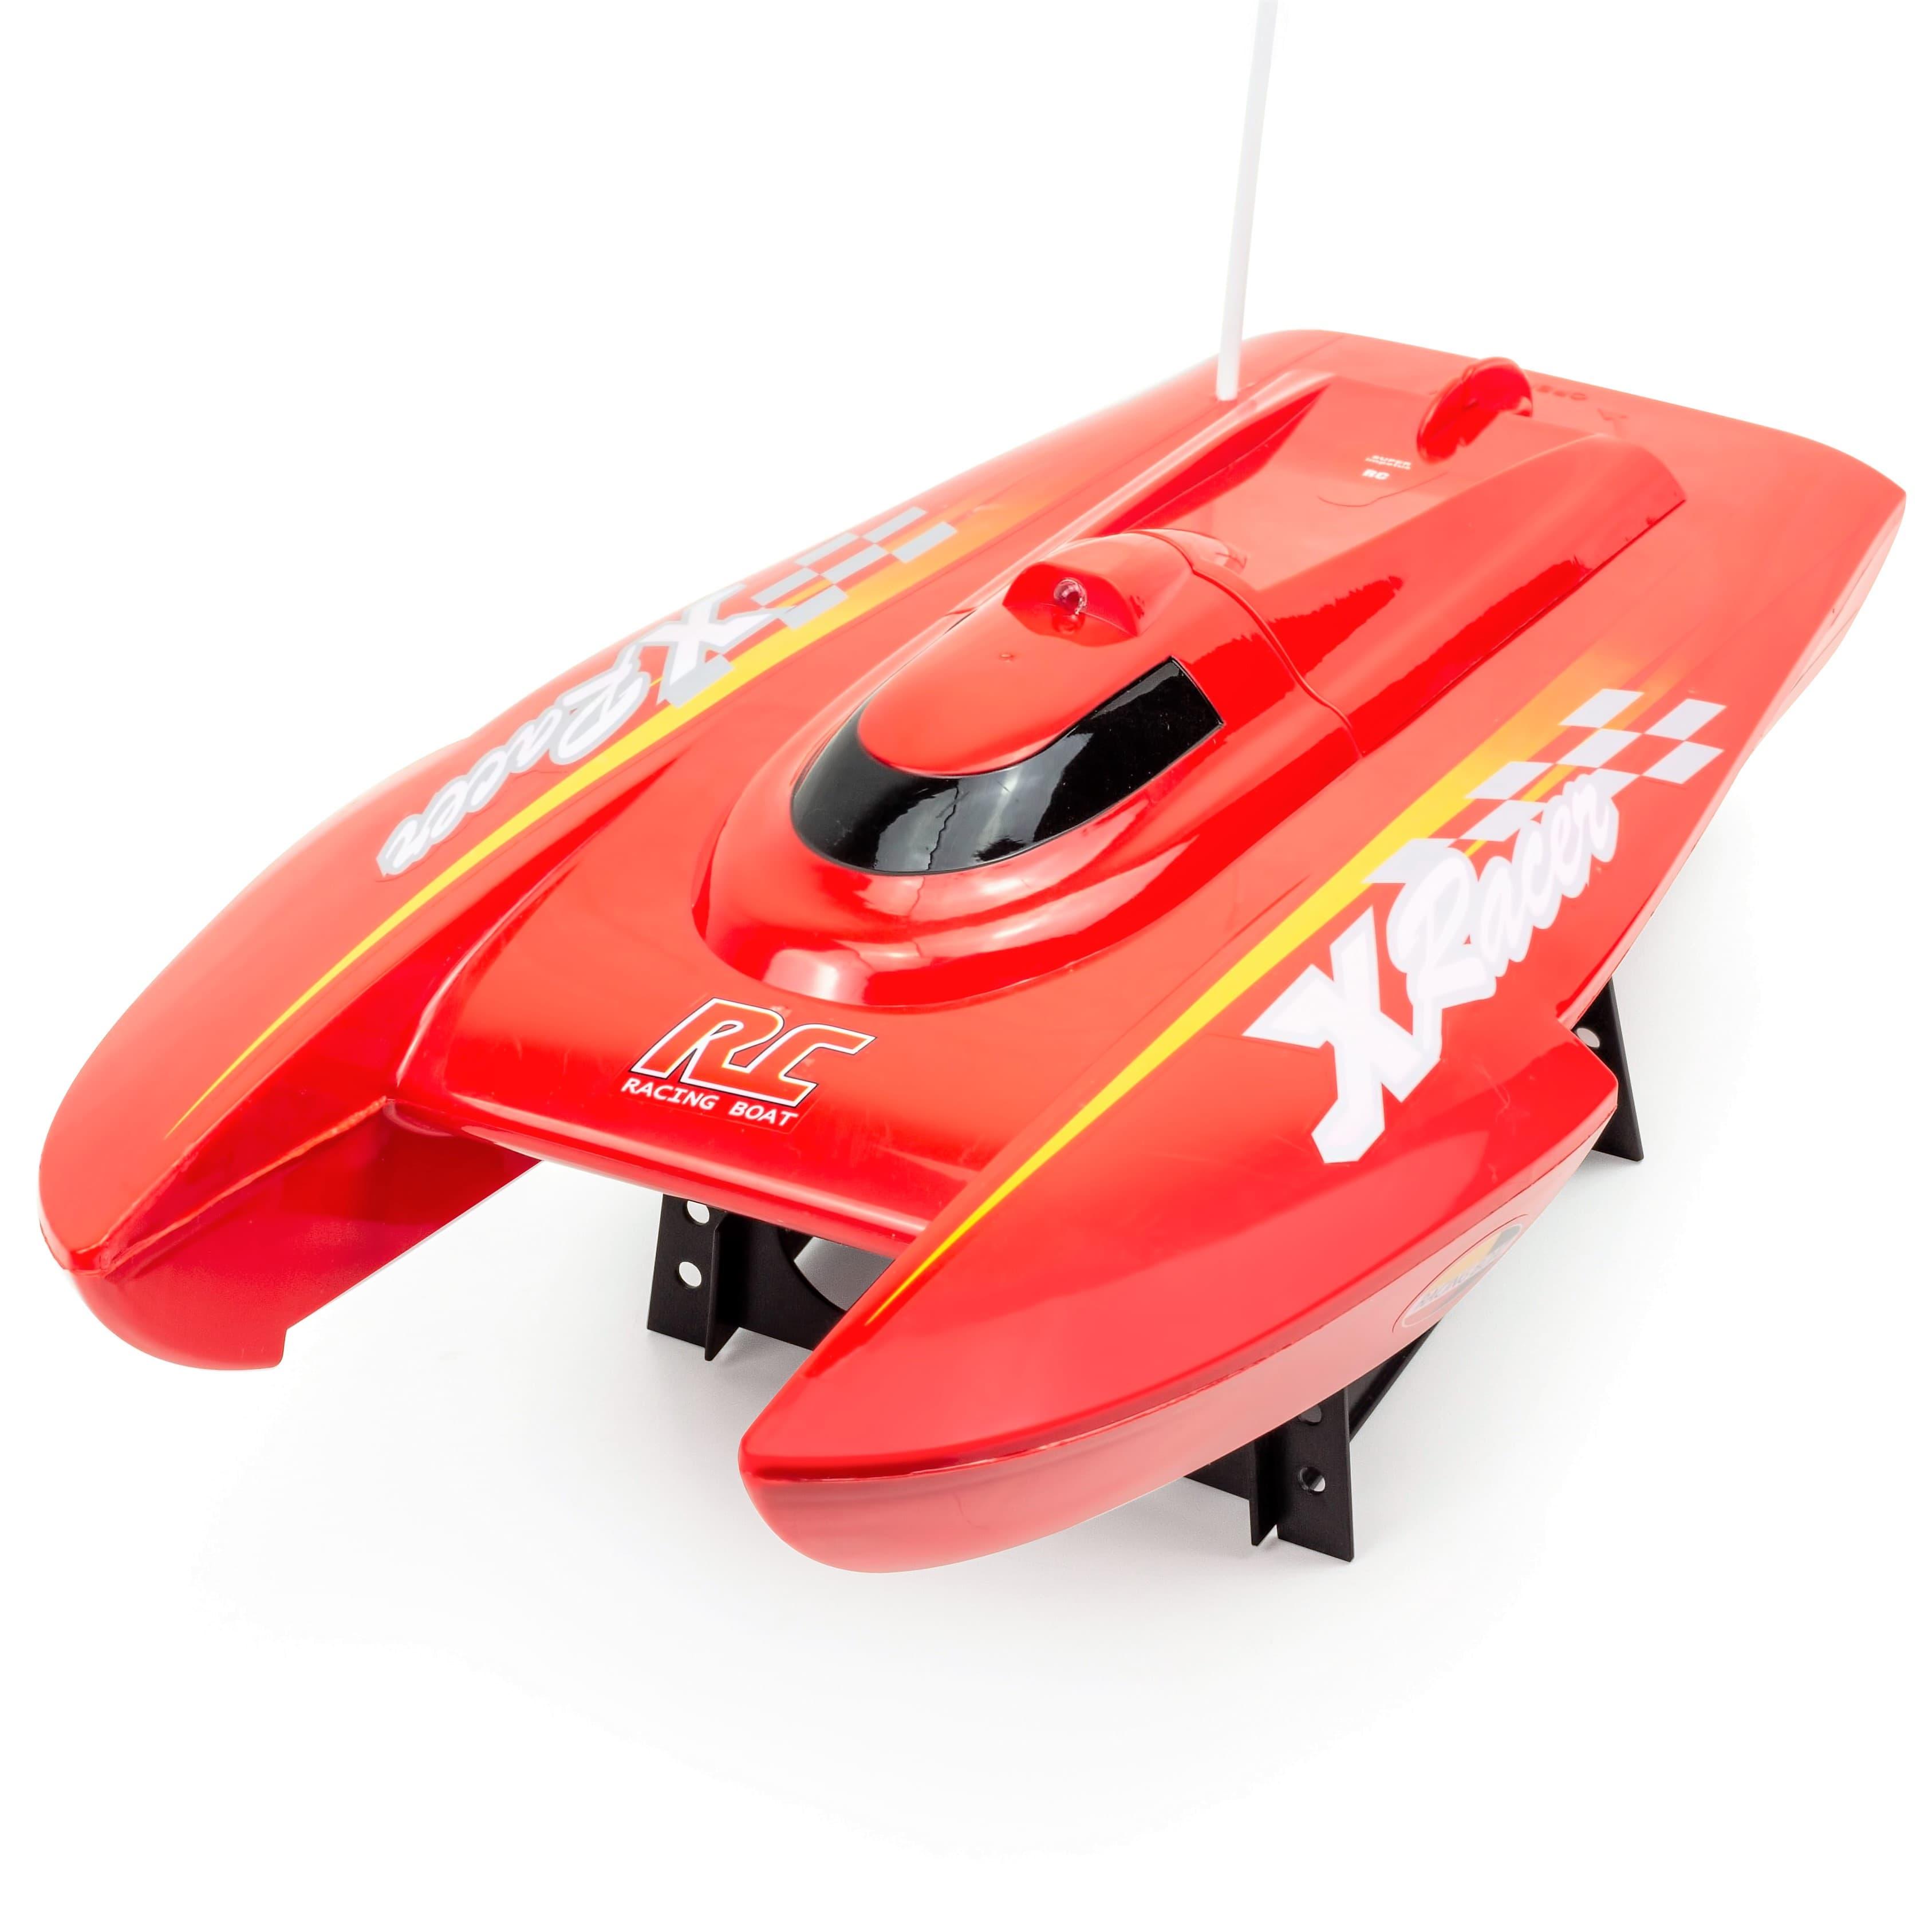 Germanseller Ferngesteuertes Boot 3352 Schiff speedboot Spielzeug Sportboot Rennboot 15 km//h